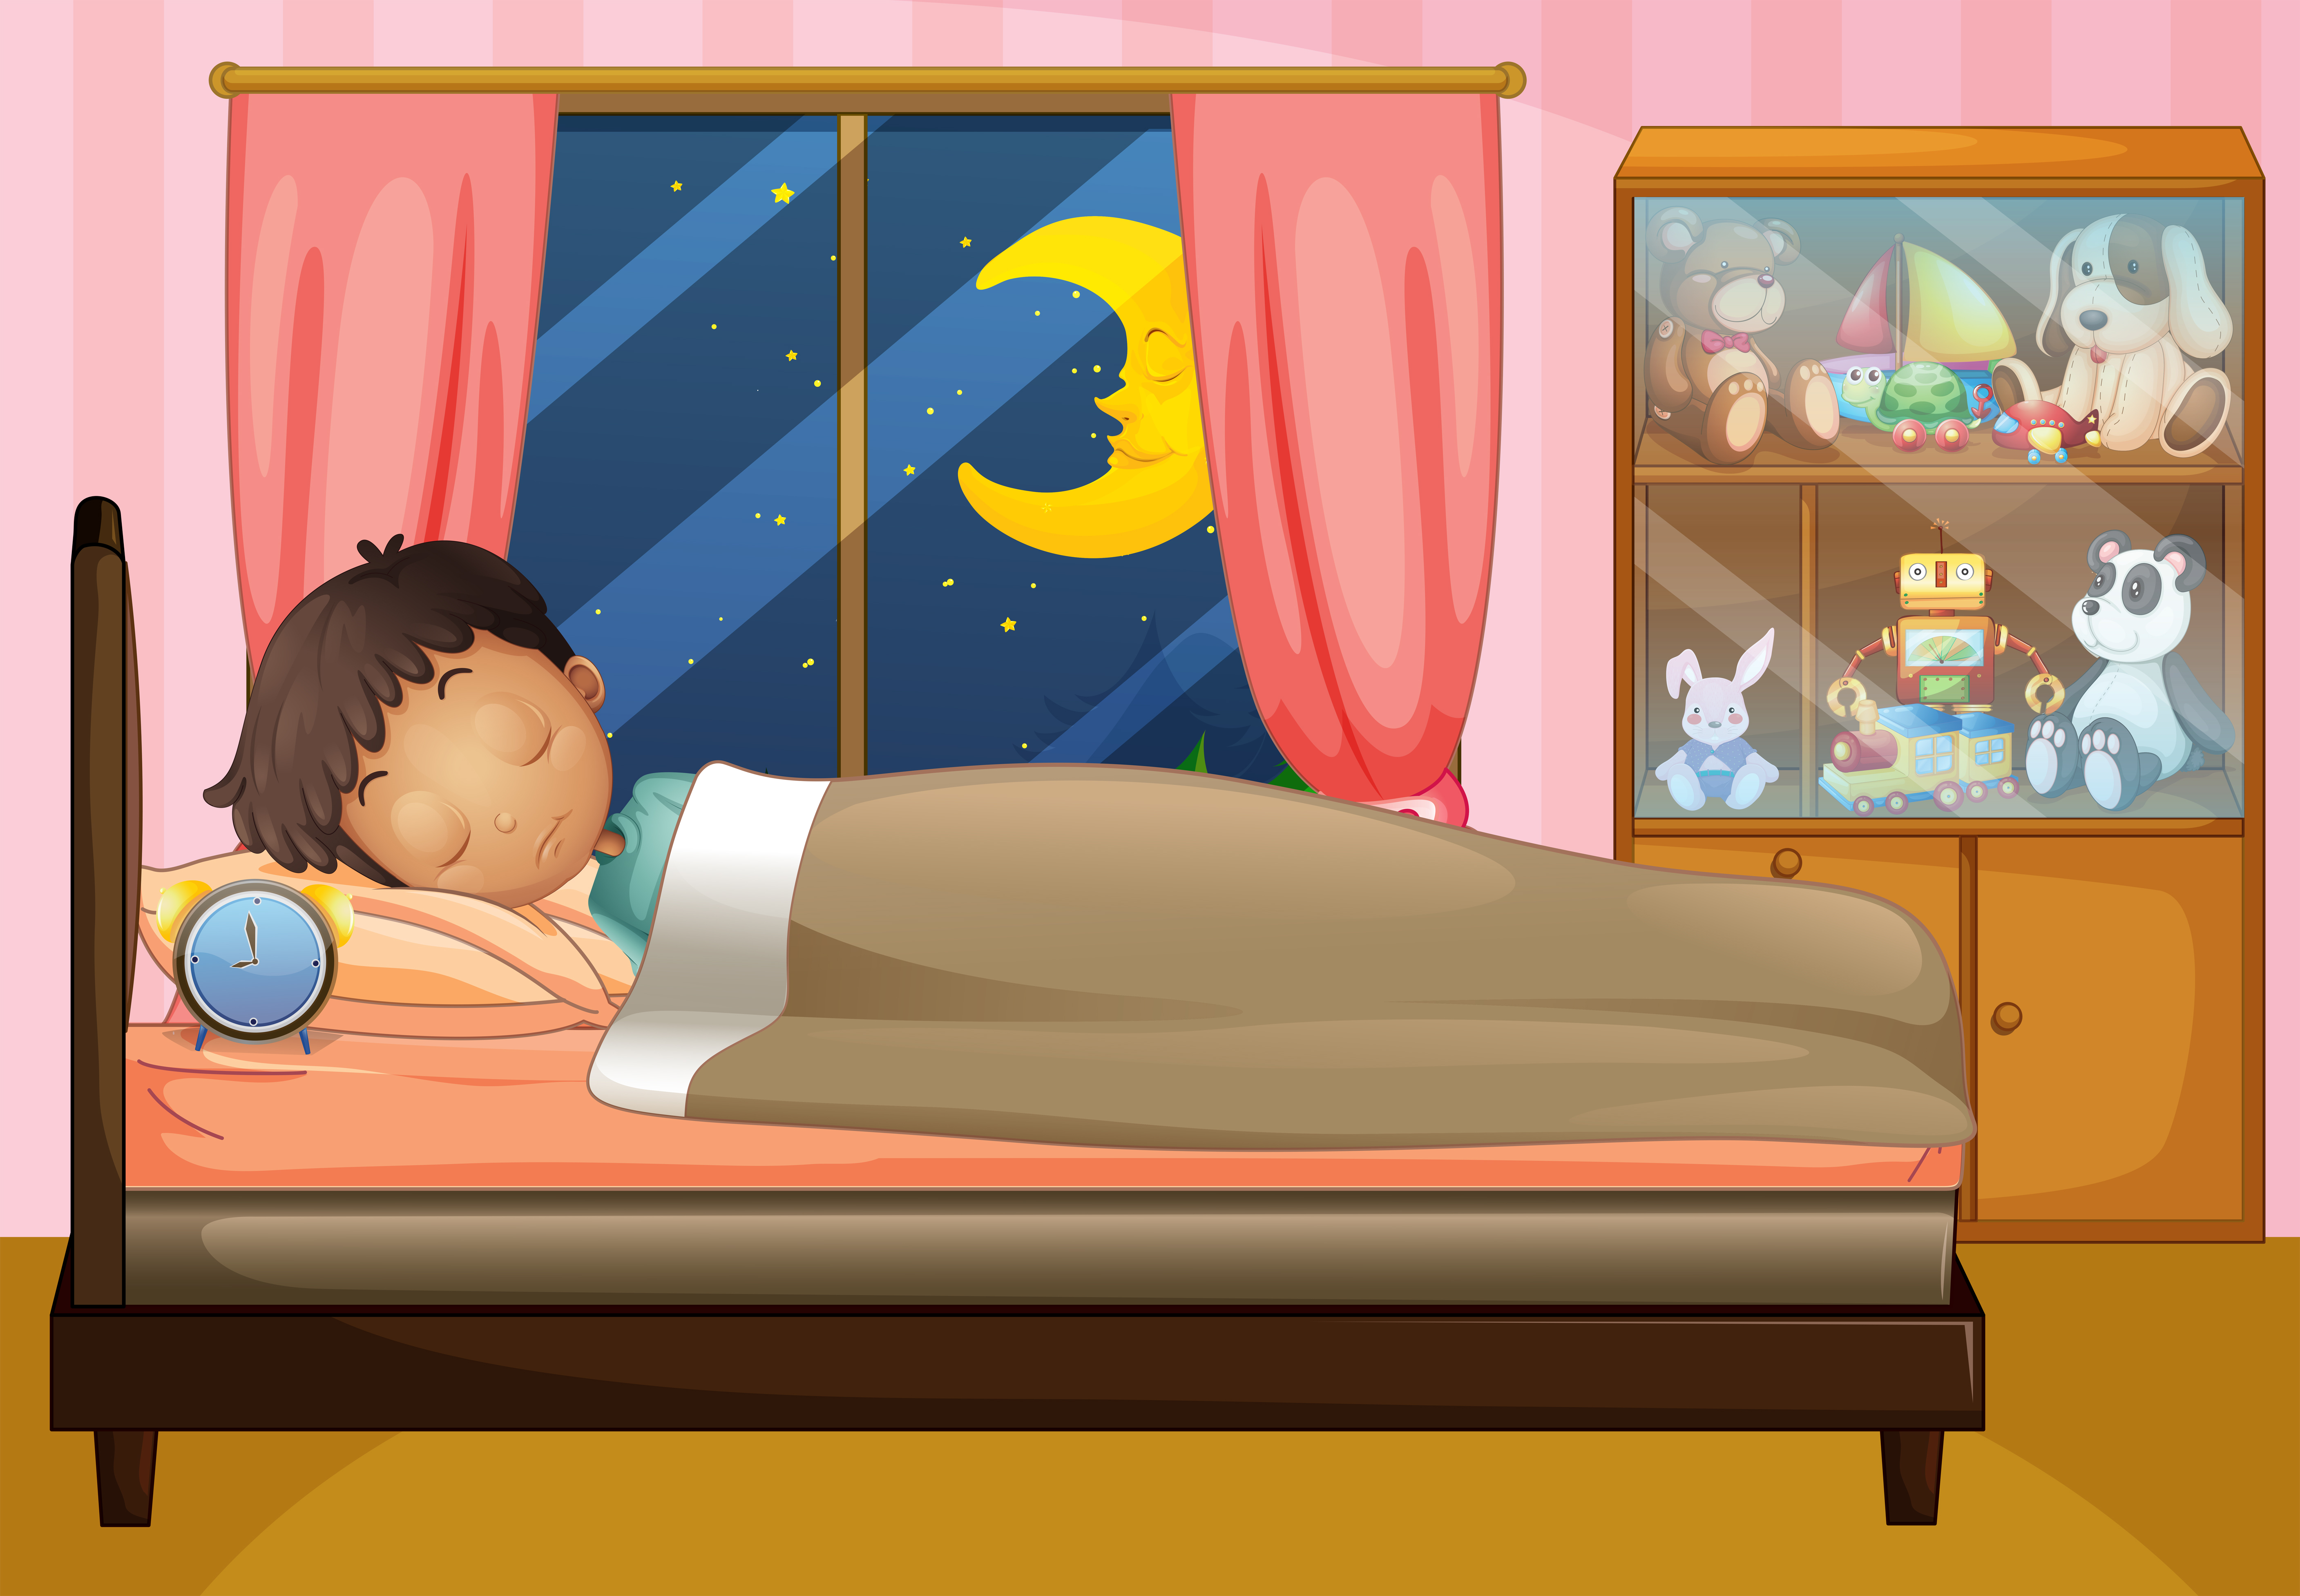 Boy sleeping in his bedroom - Download Free Vectors